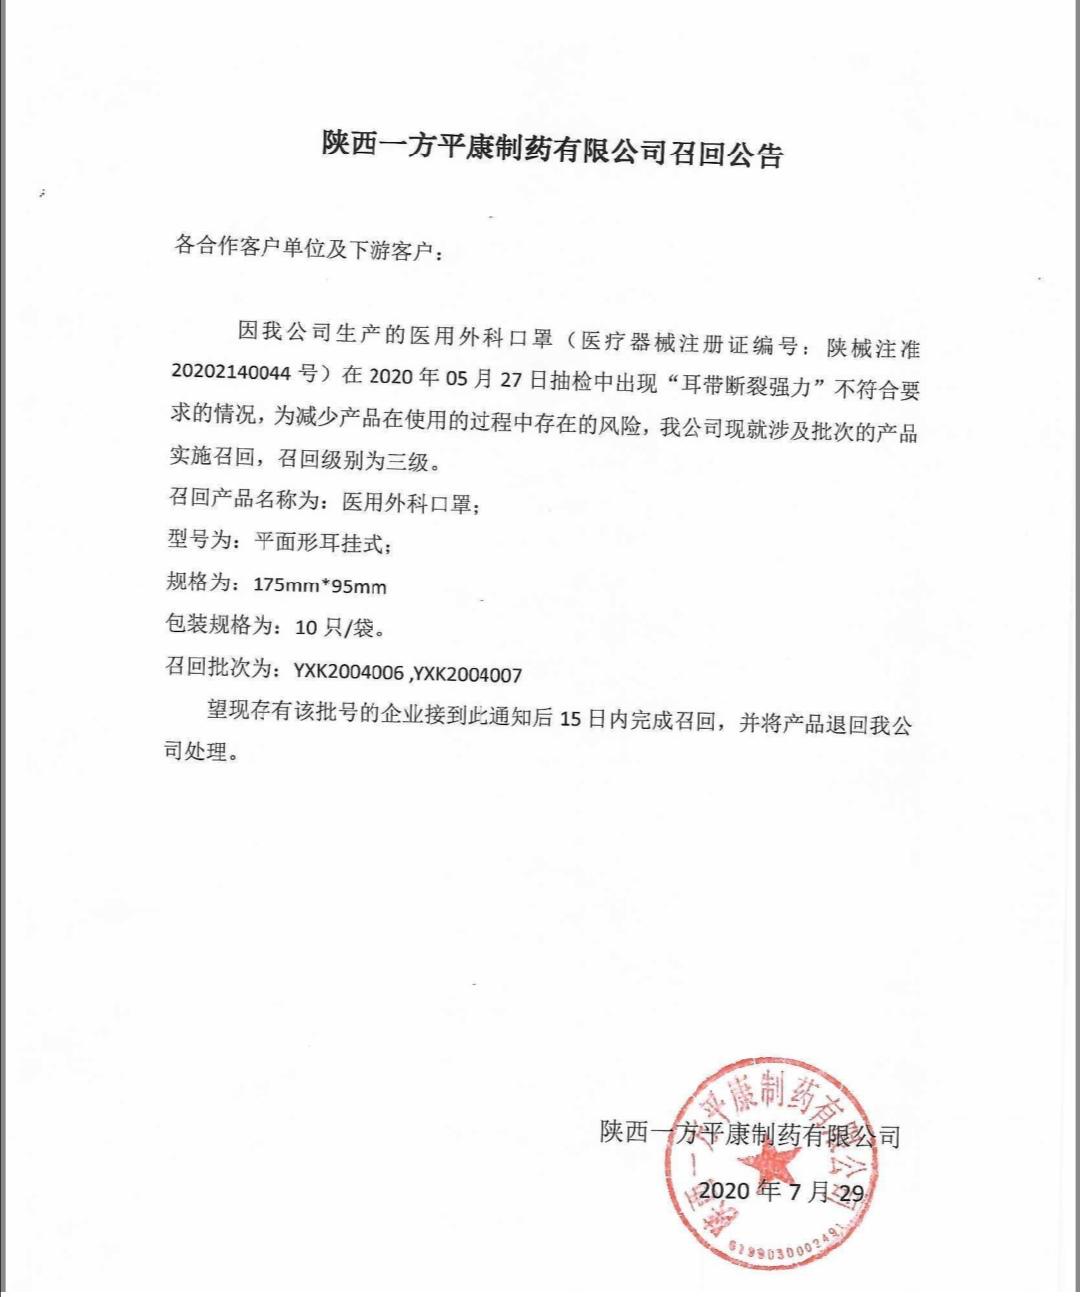 国药集团旗下陕西一方平康制药召回2批次医用外科口罩